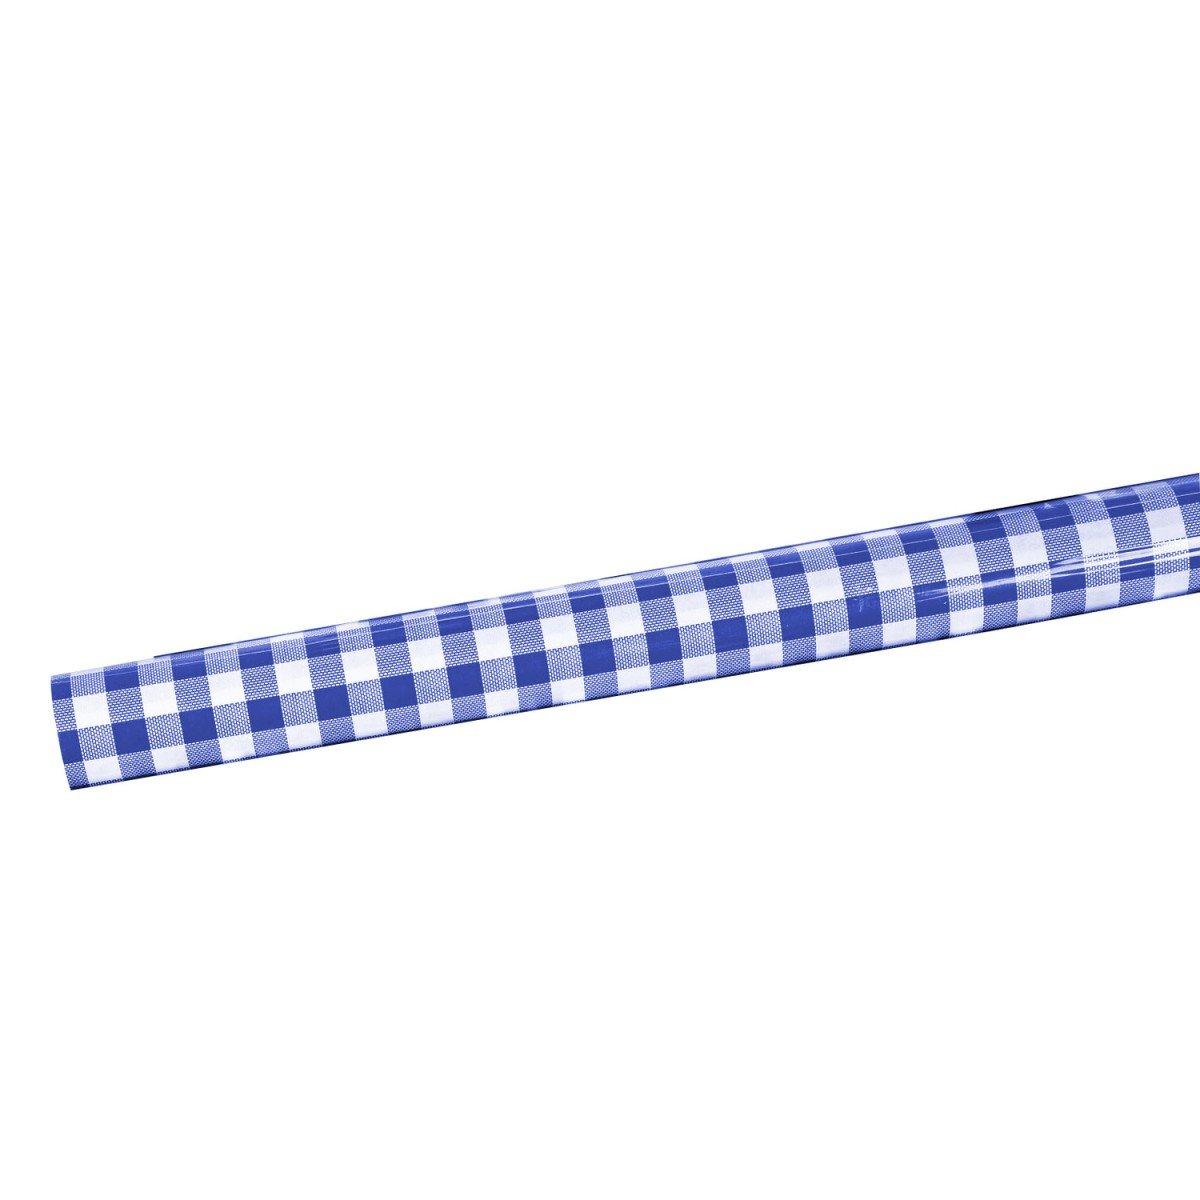 Schrankpapier 4mx50cm beschich